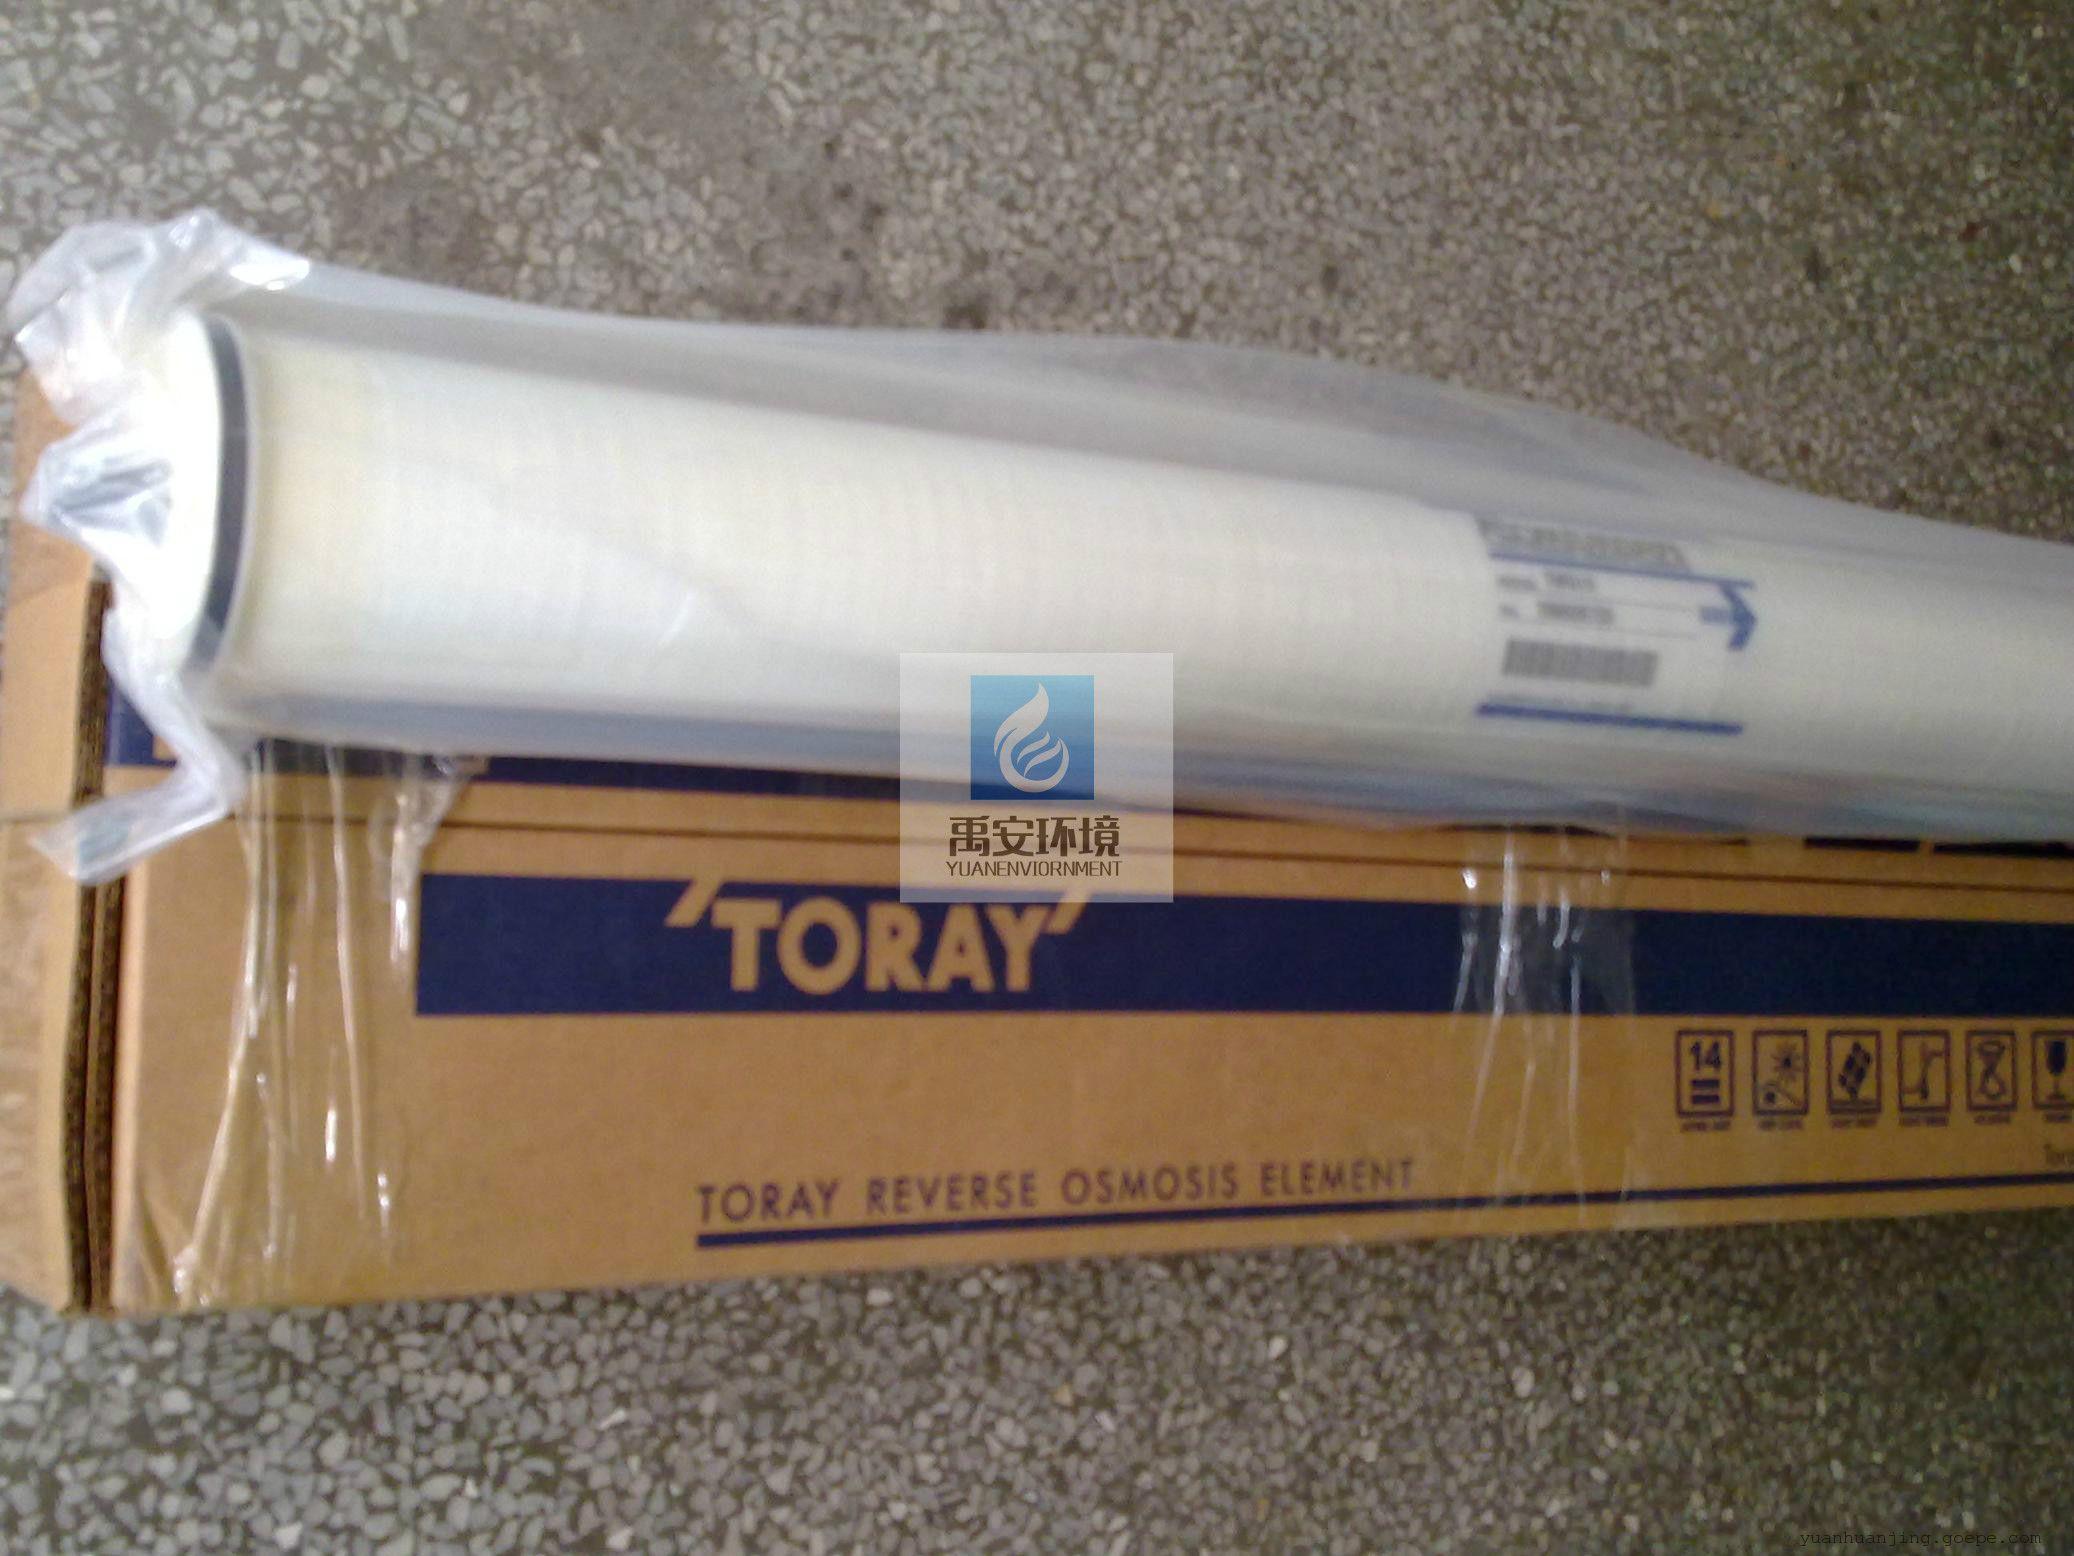 禹安环境东丽低压反渗透膜TML20D-3708英寸高化学耐久性抗污染膜